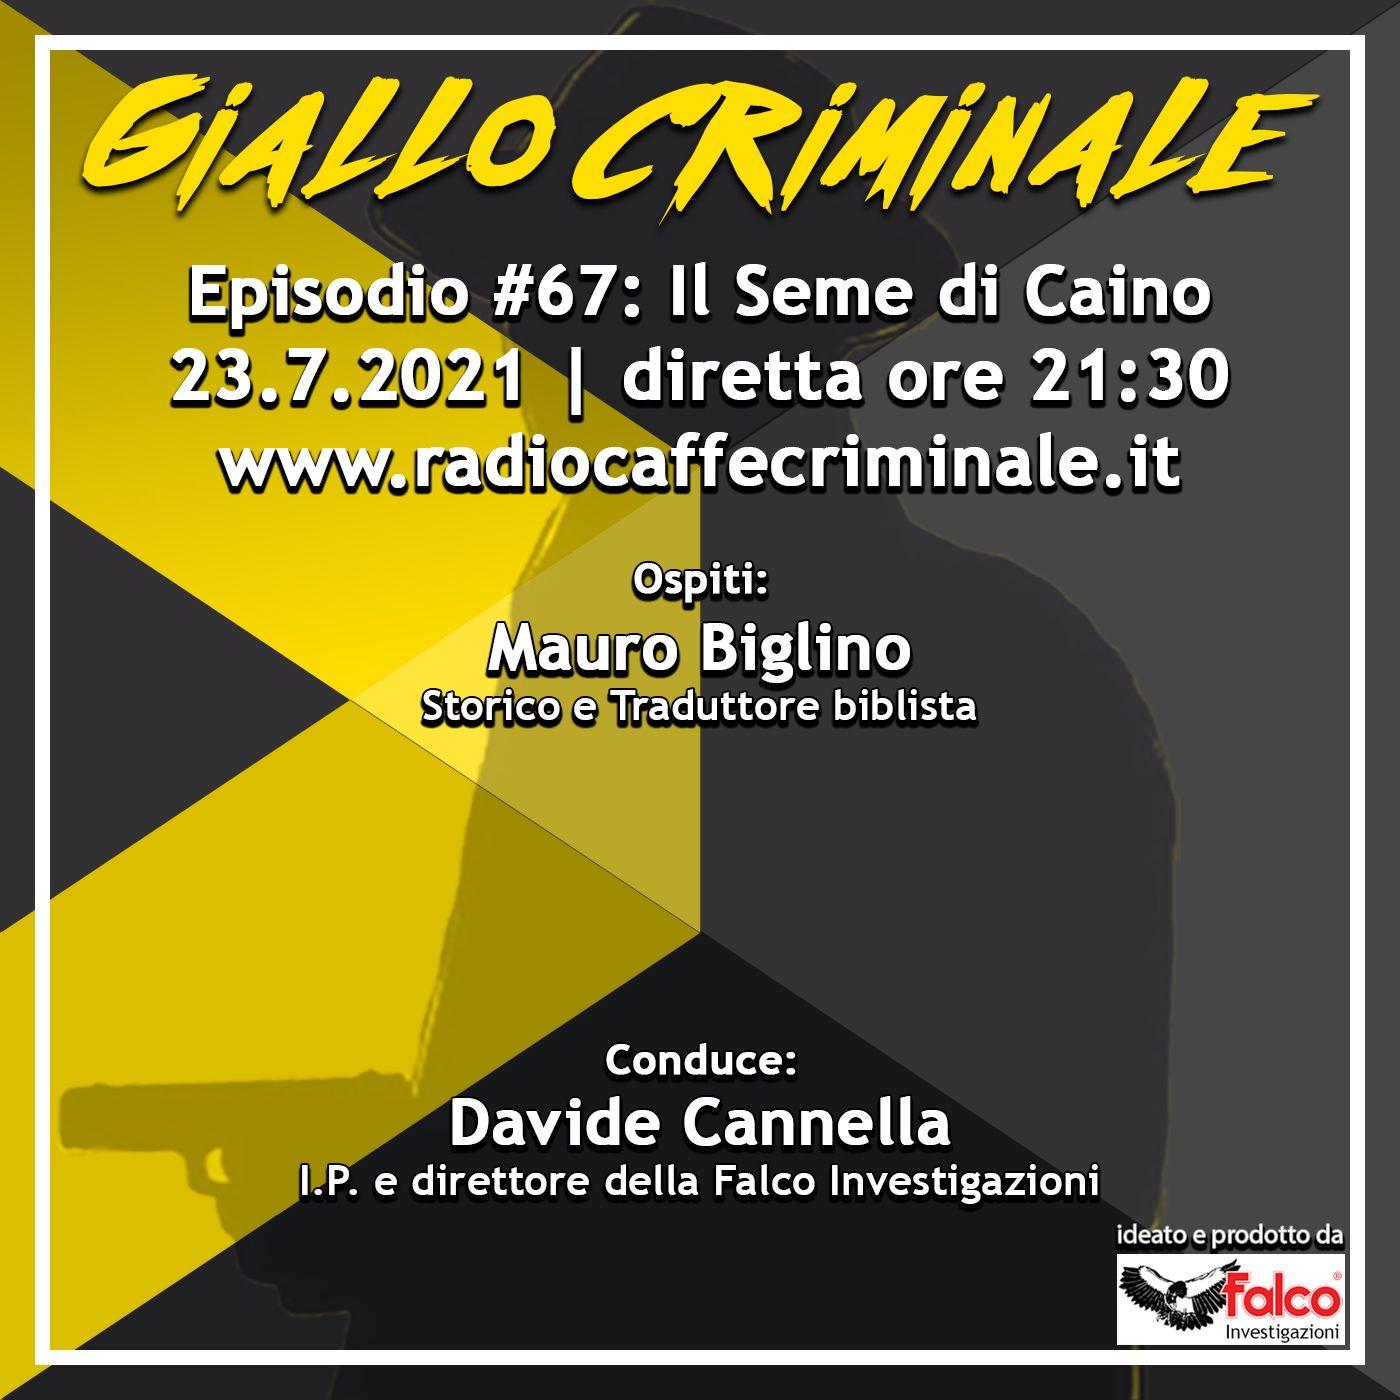 #67 Ep. | Il Seme di Caino con Mauro Biglino